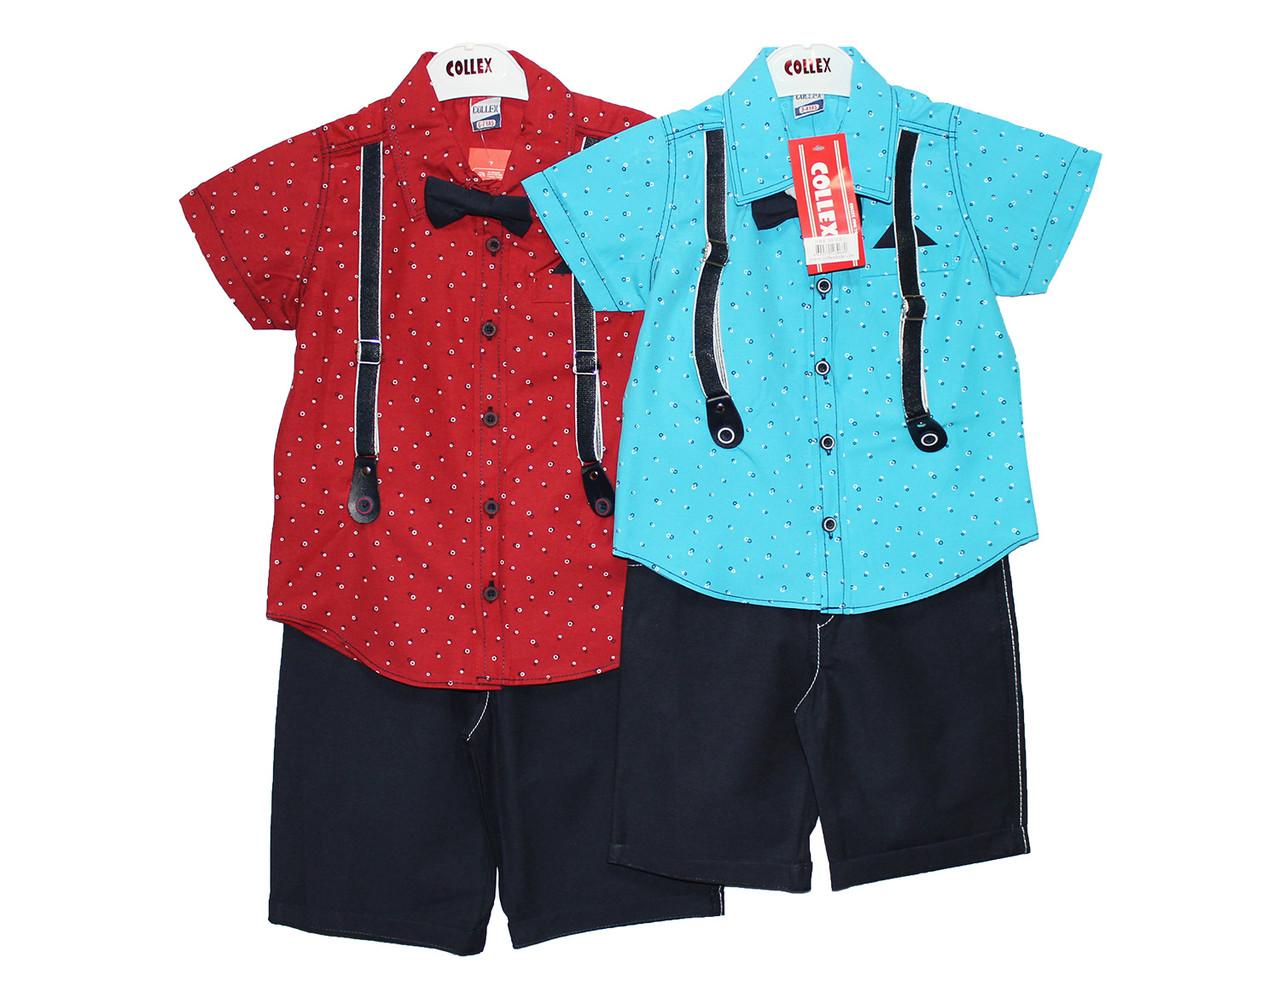 Дитячі костюми на літо для хлопчика Collex 3068